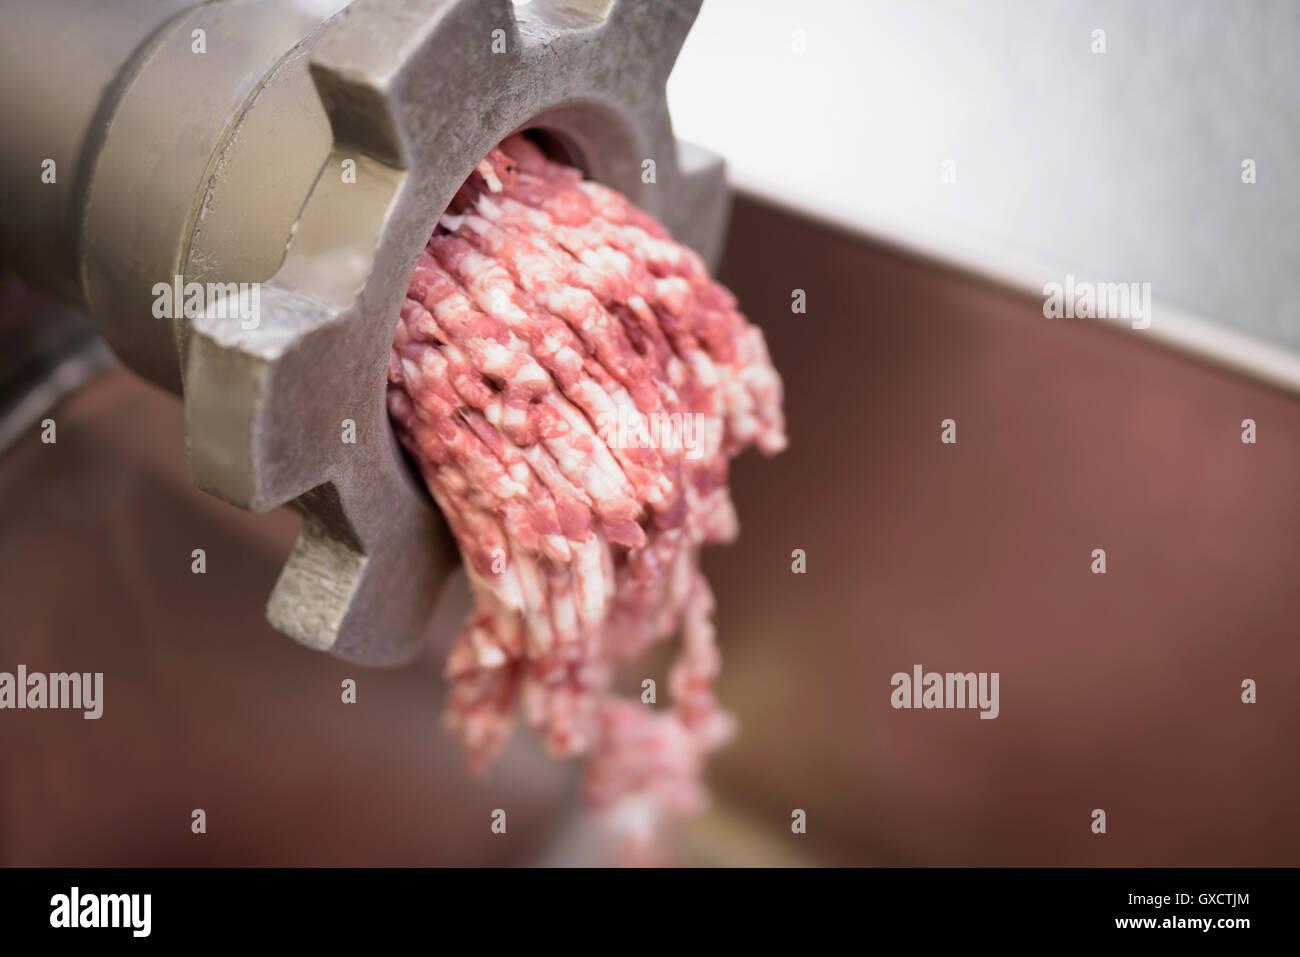 Chair à saucisse hachée saucisses italiennes pour l'usine de saucisses, en close up Photo Stock